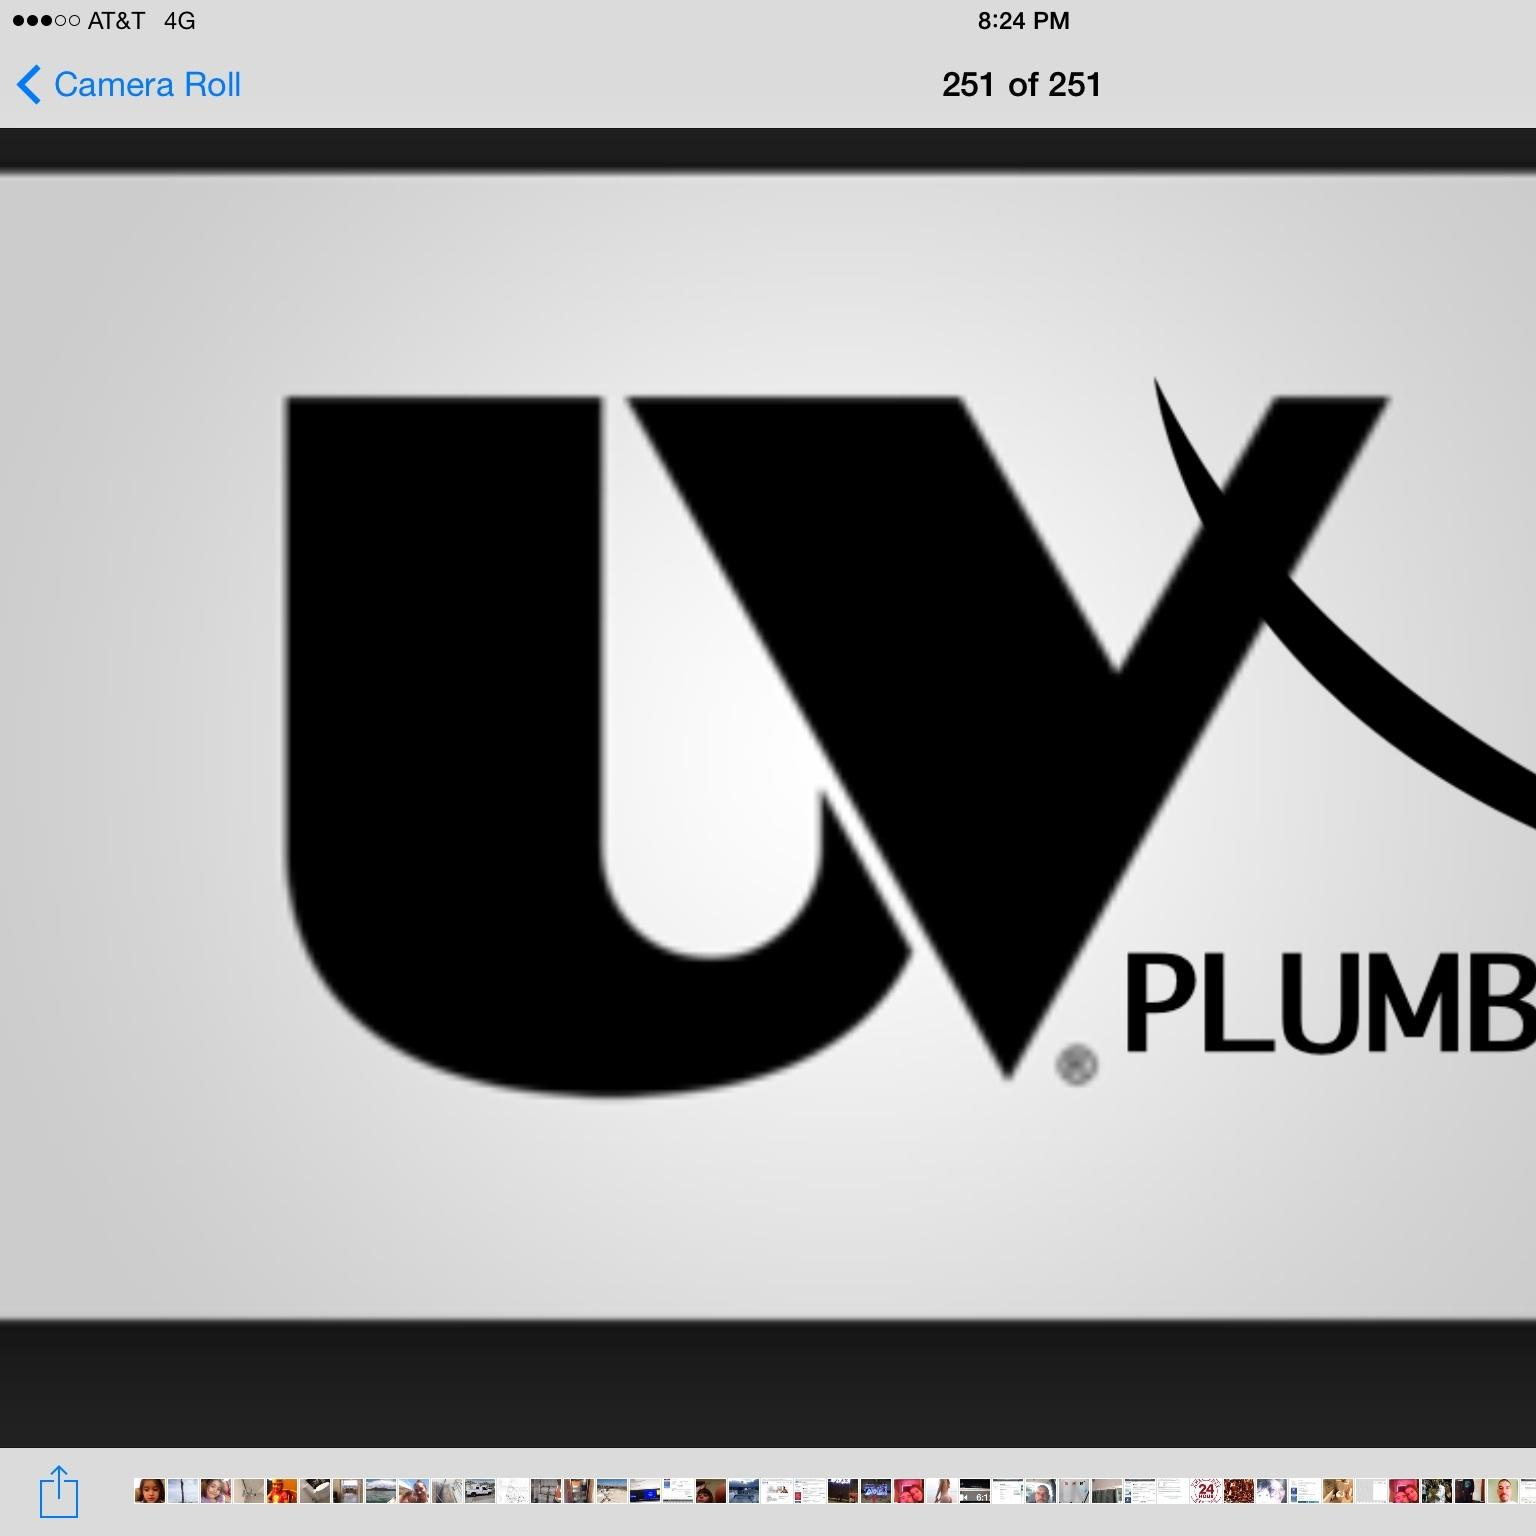 UV PLUMBING LLC